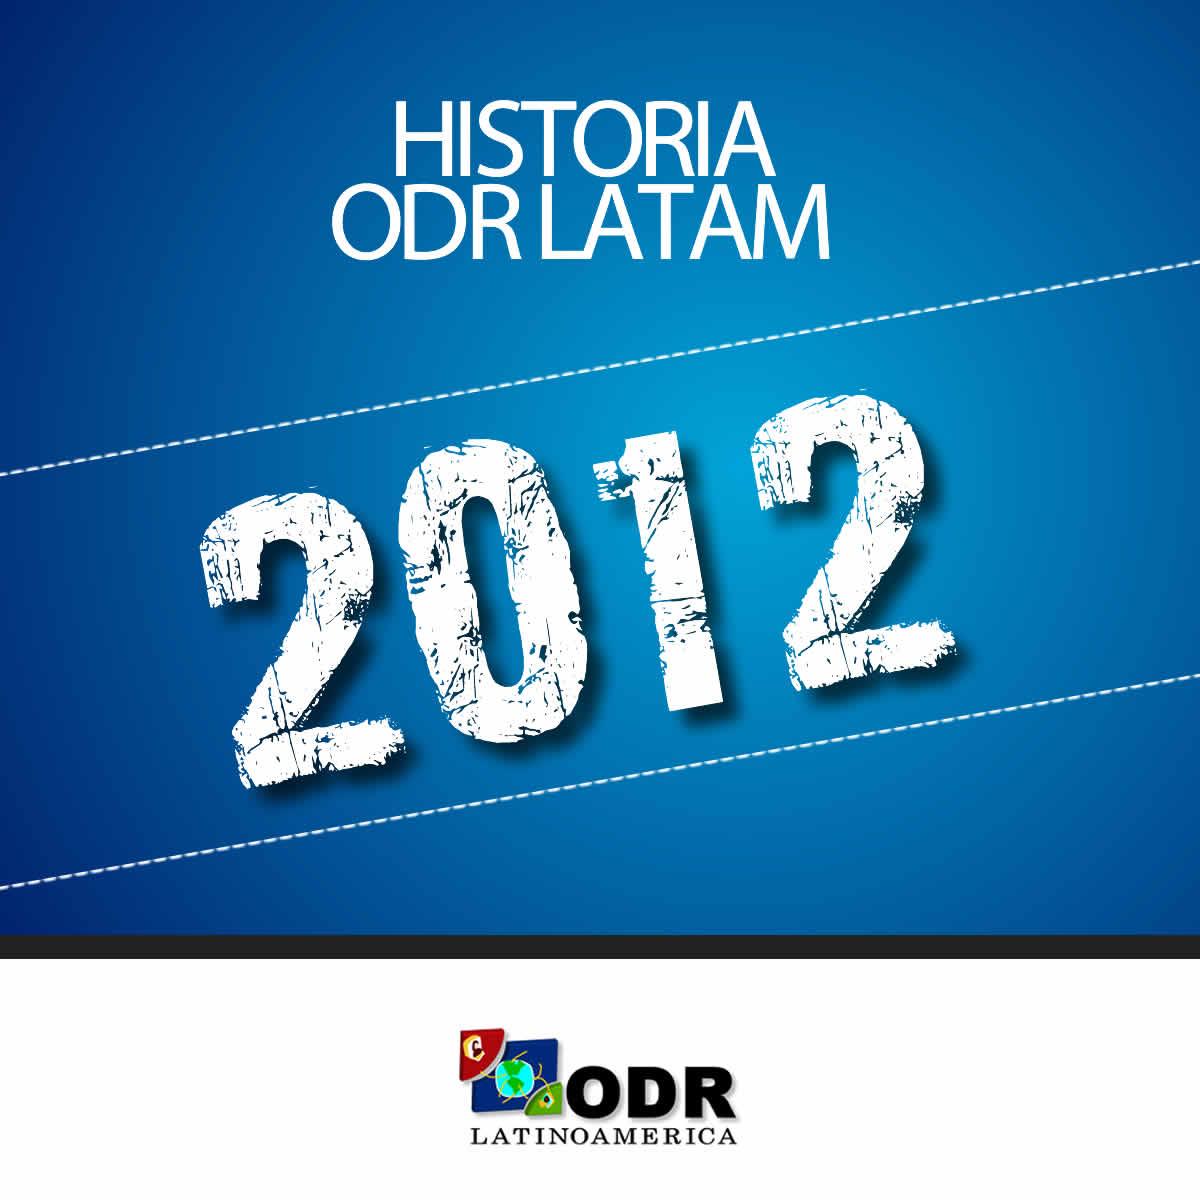 Historia ODR LATAM 2012